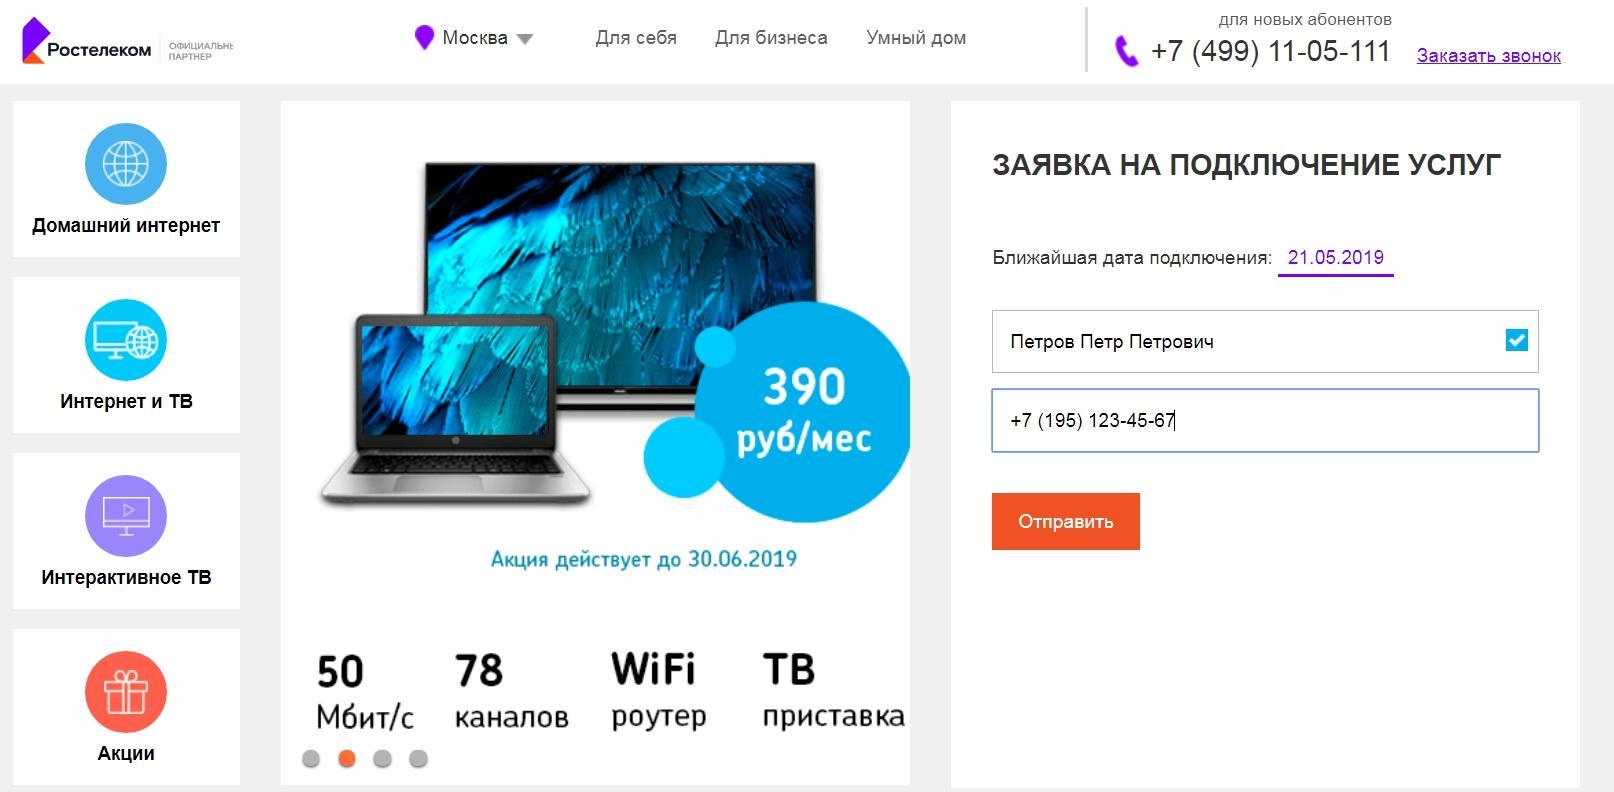 Акции на интернет и ТВ от Ростелеком в 2019 году